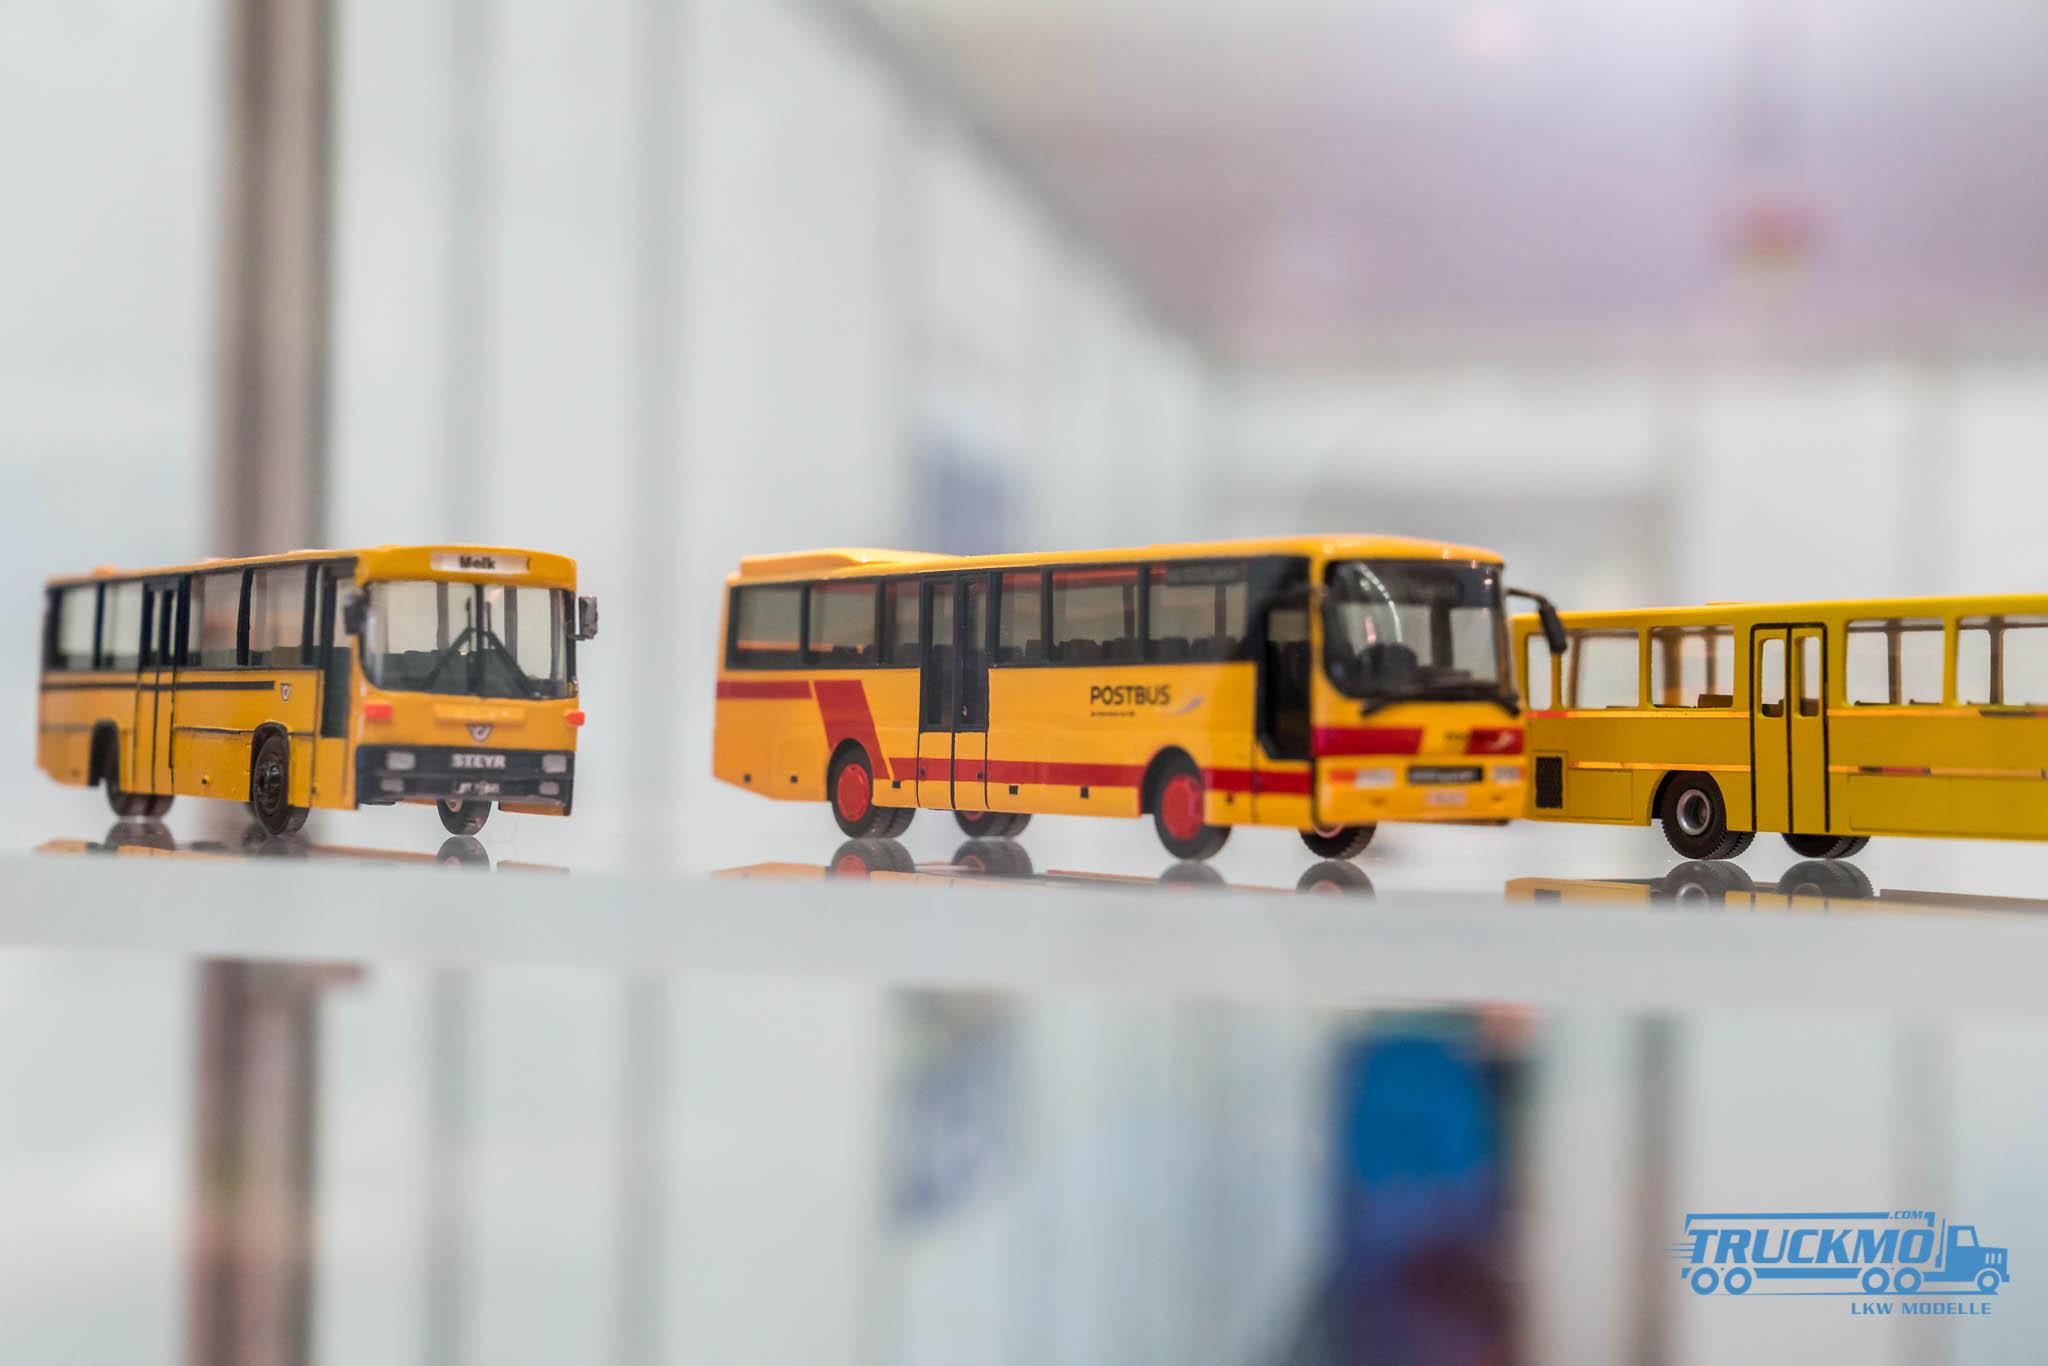 Truckmo_Modellbau_Ried_2017_Herpa_Messe_Modellbauausstellung (27 von 1177)